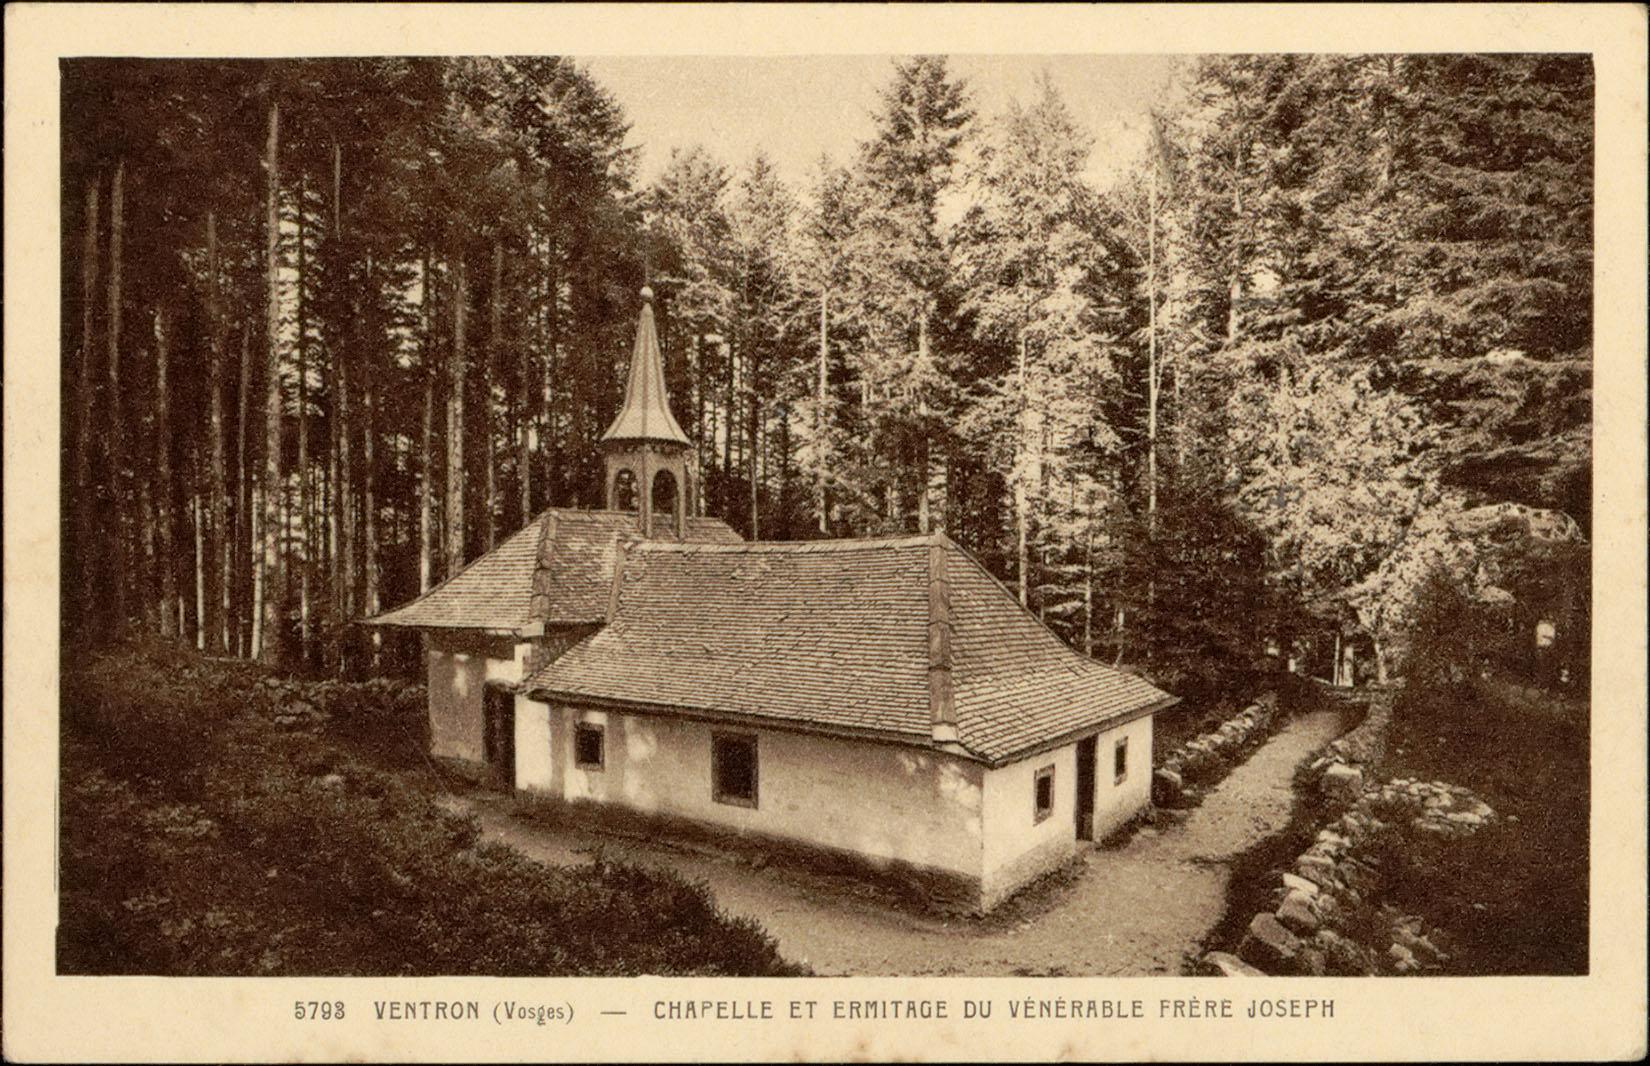 Contenu du Ventron (Vosges), Chapelle et ermitage du Vénérable Frère Joseph